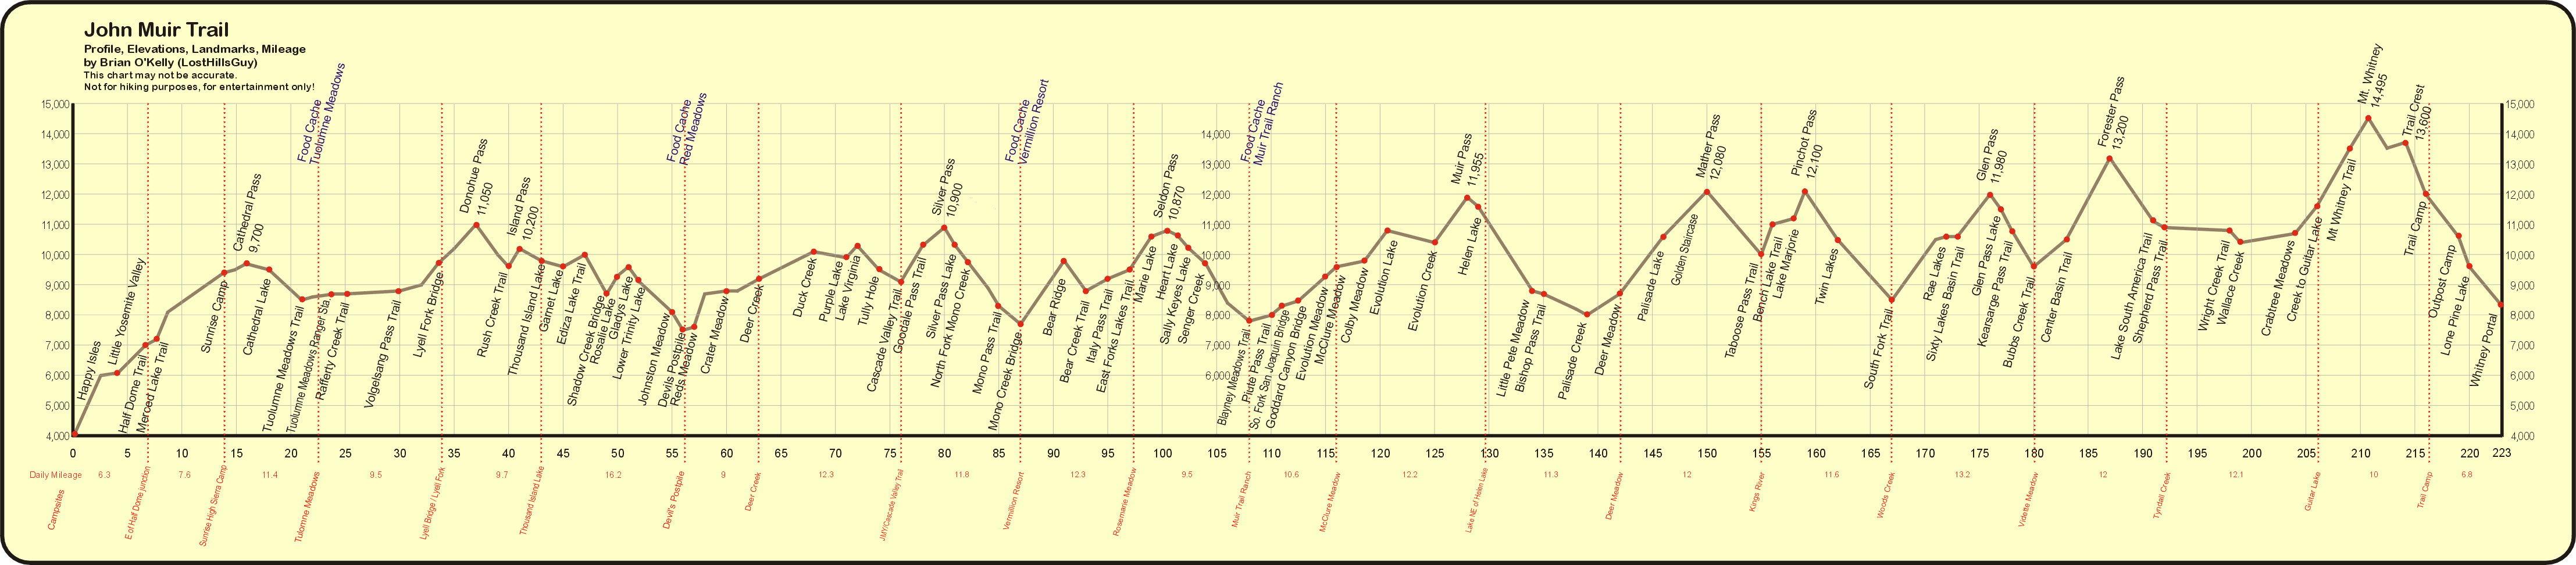 JMT maps and books - Pacific Crest Trail Association